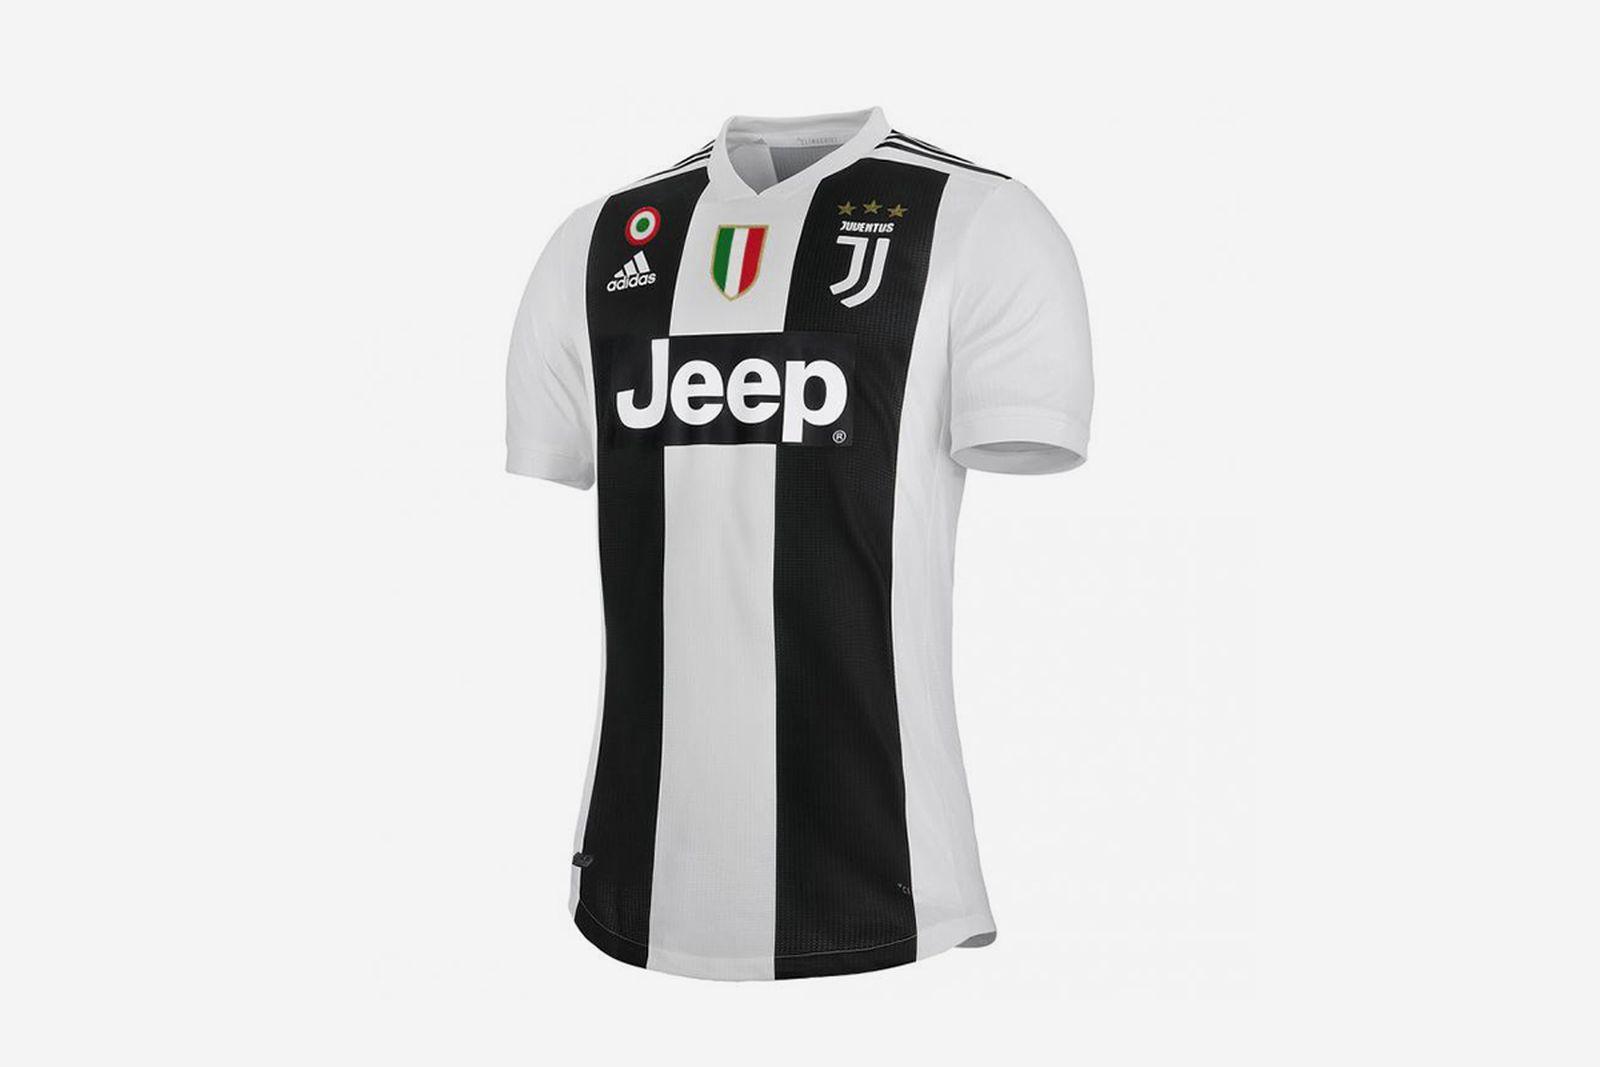 cristiano ronaldo juventus jersey where to buy online cristiano ronaldo juventus jersey